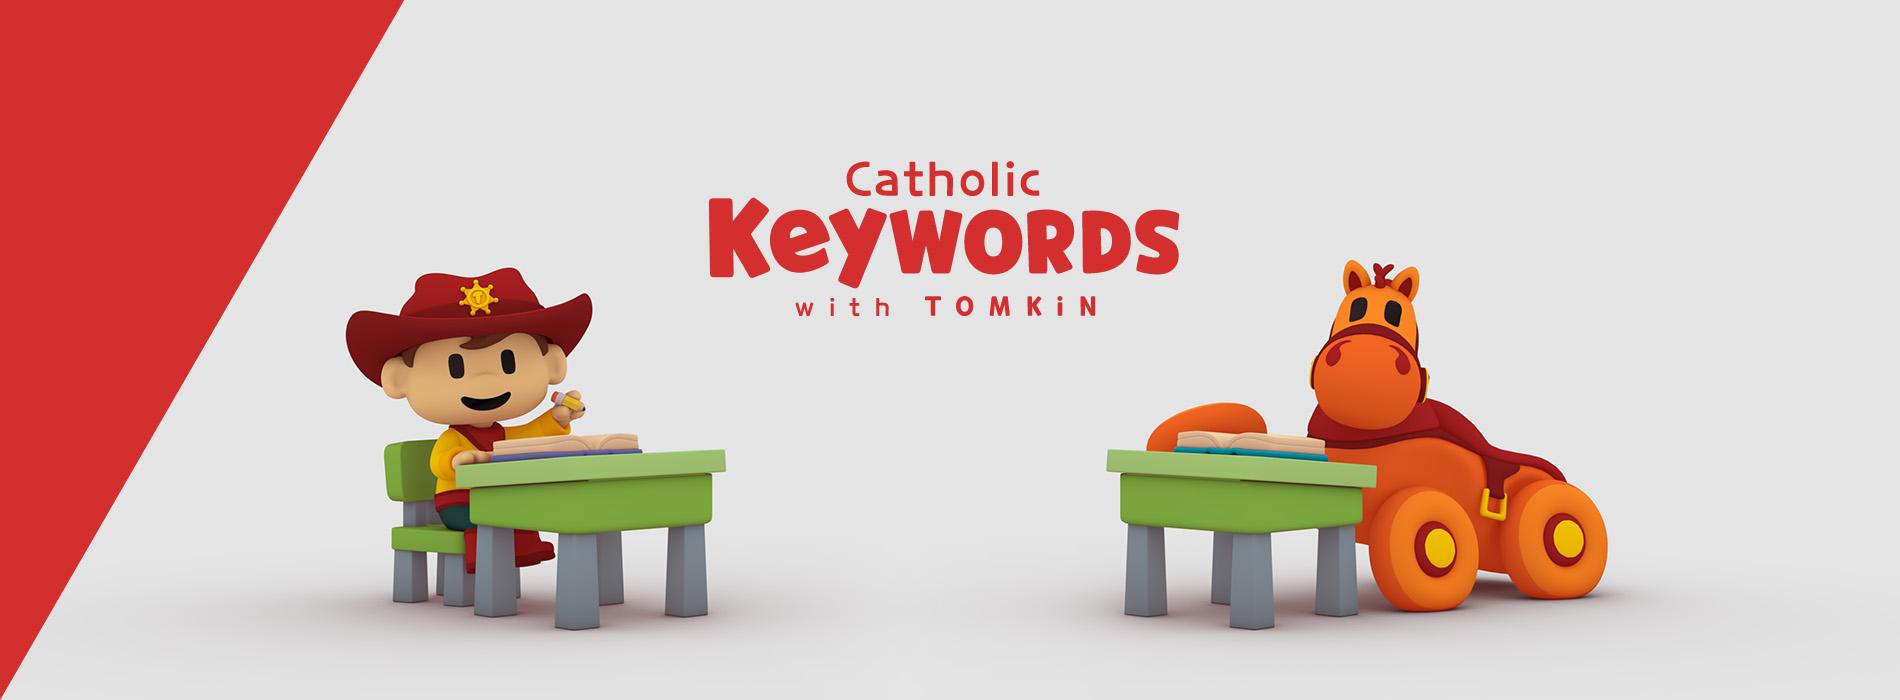 CATHOLIC KEYWORDS